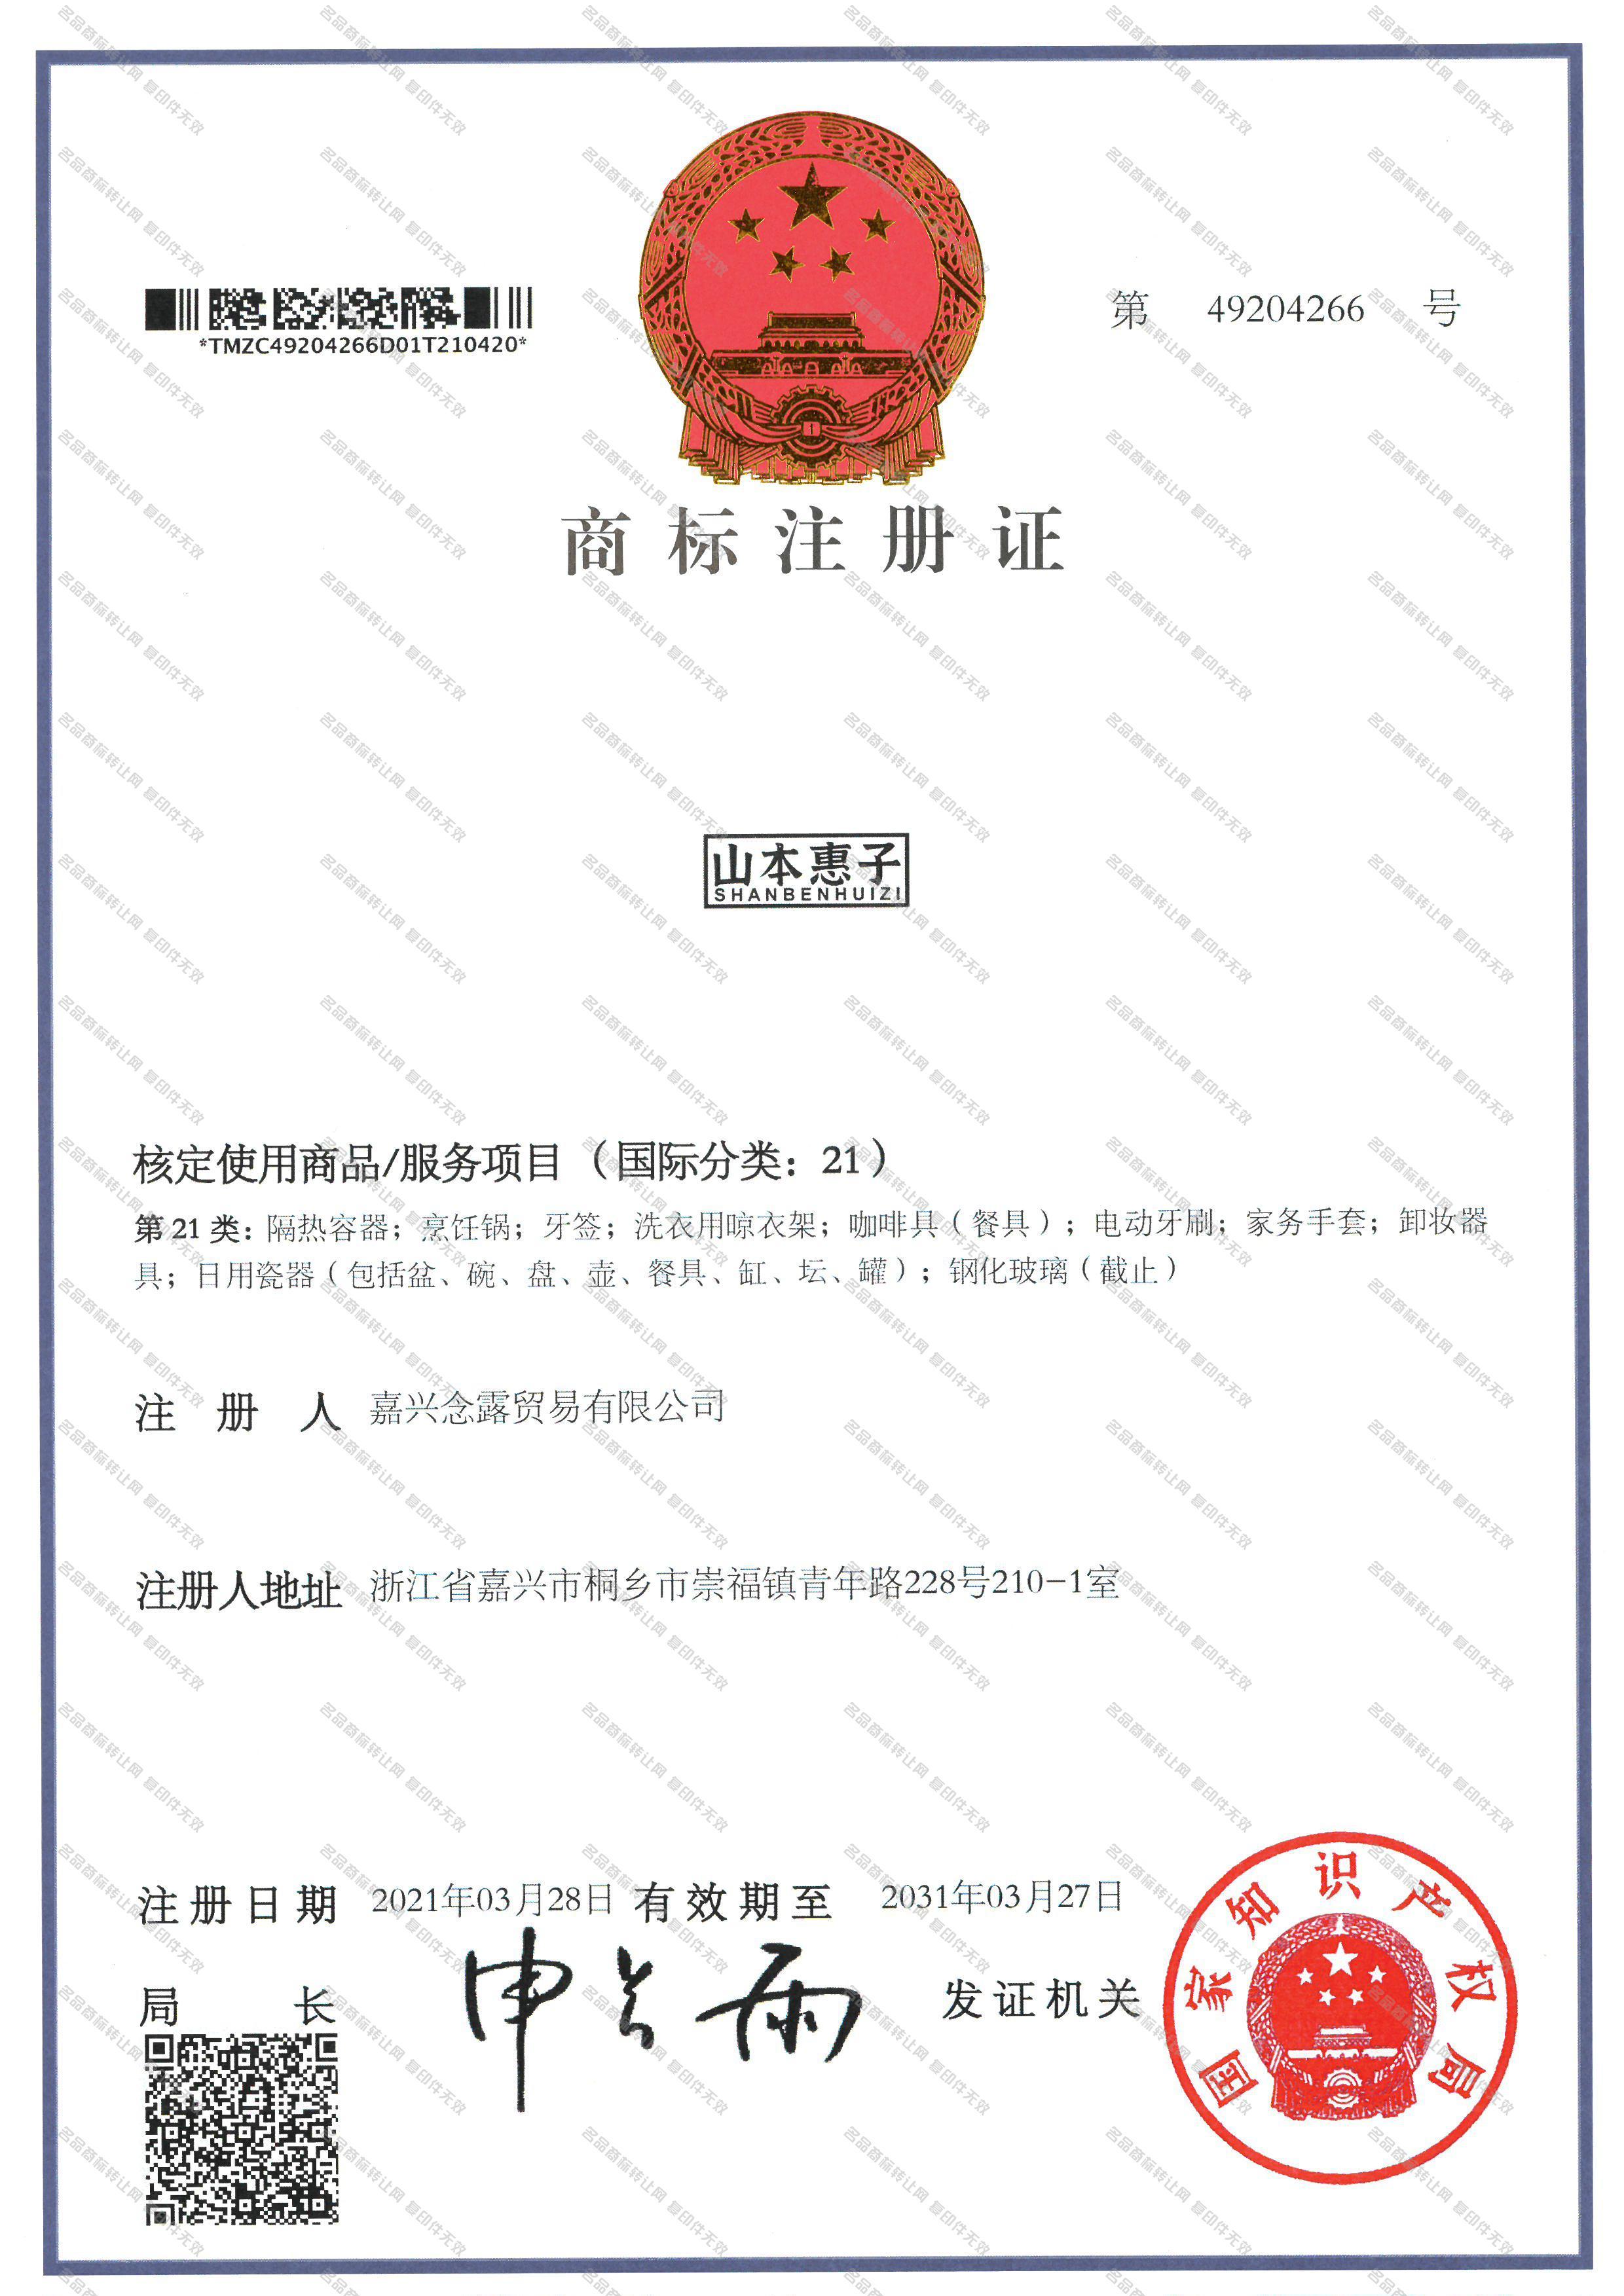 山本惠子;SHANBENHUIZI注册证